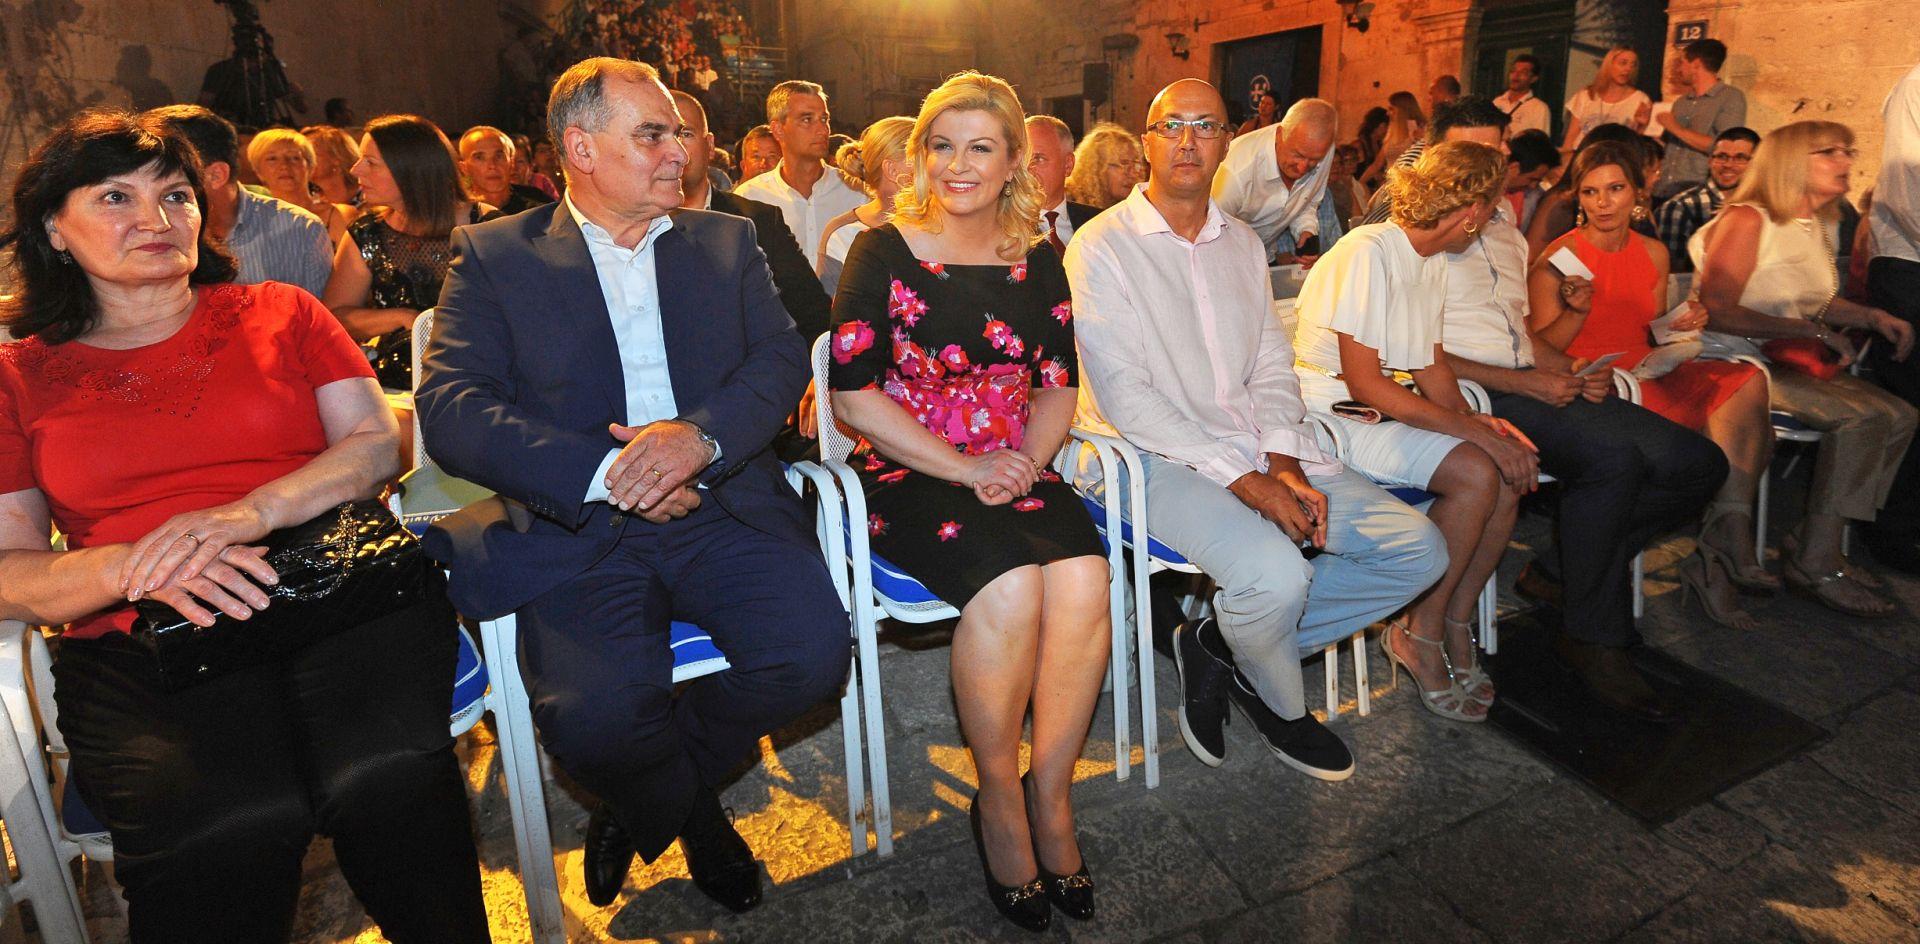 Predsjednica Grabar Kitarović na 50. Festivalu dalmatinskih klapa u Omišu